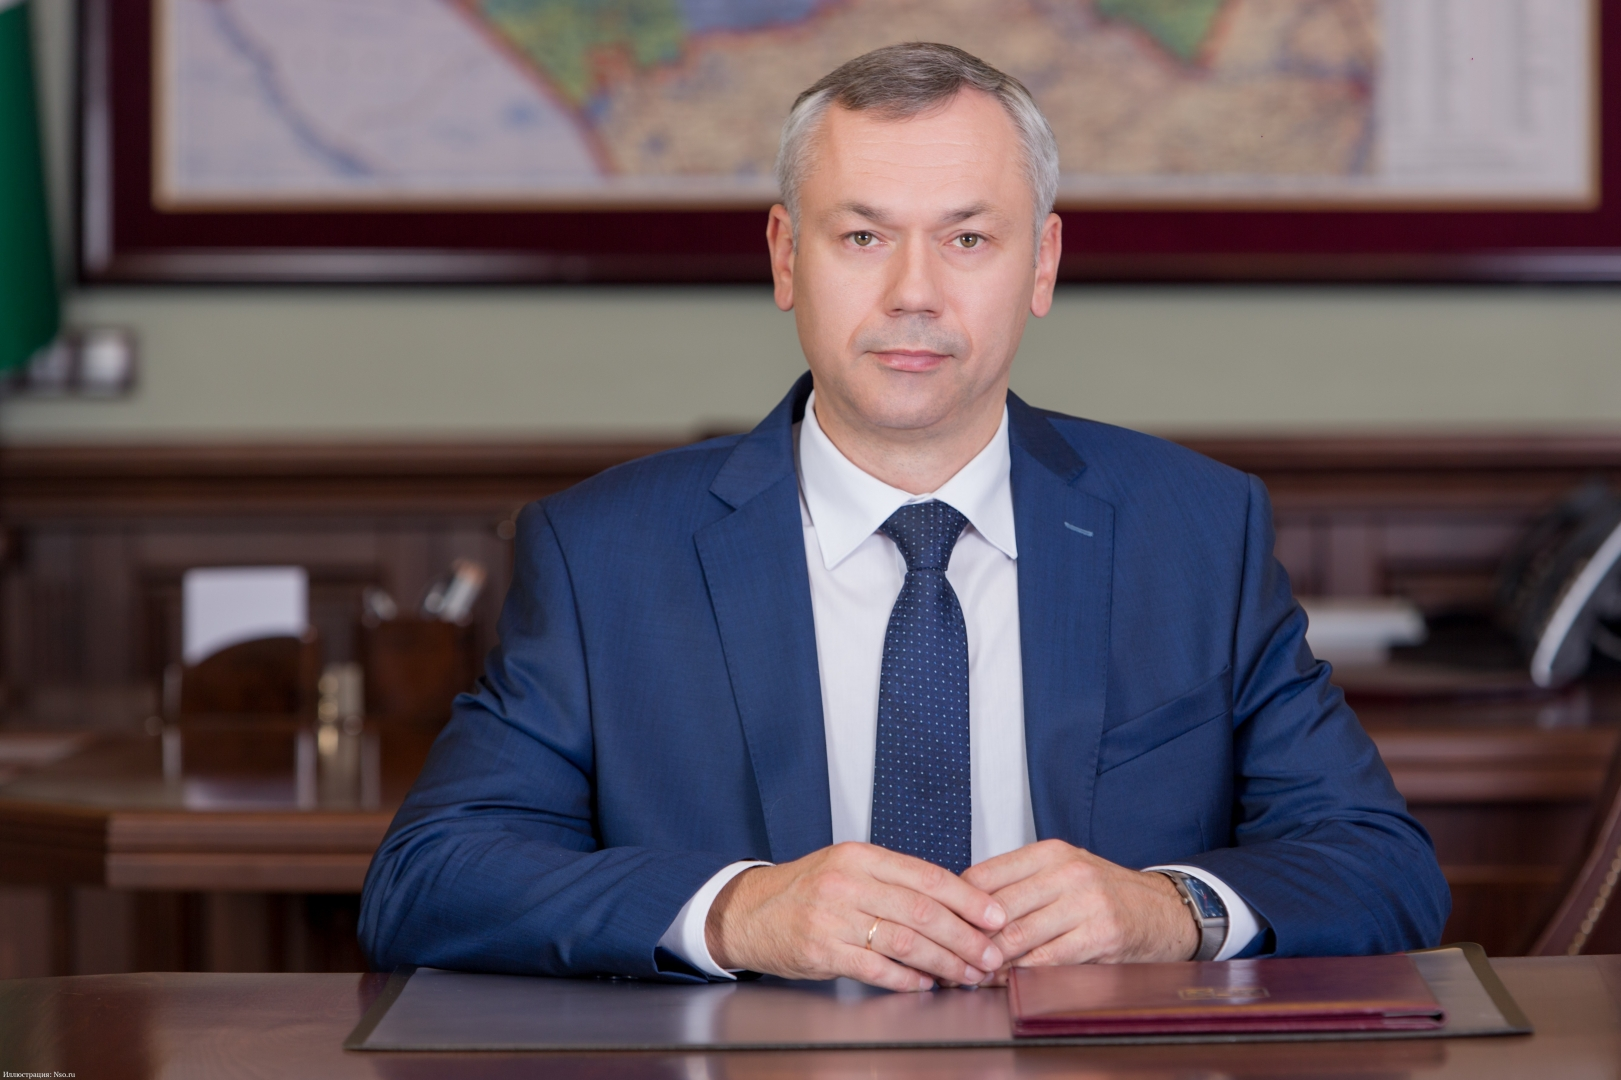 фото главы администрации новосибирской области строгими формами